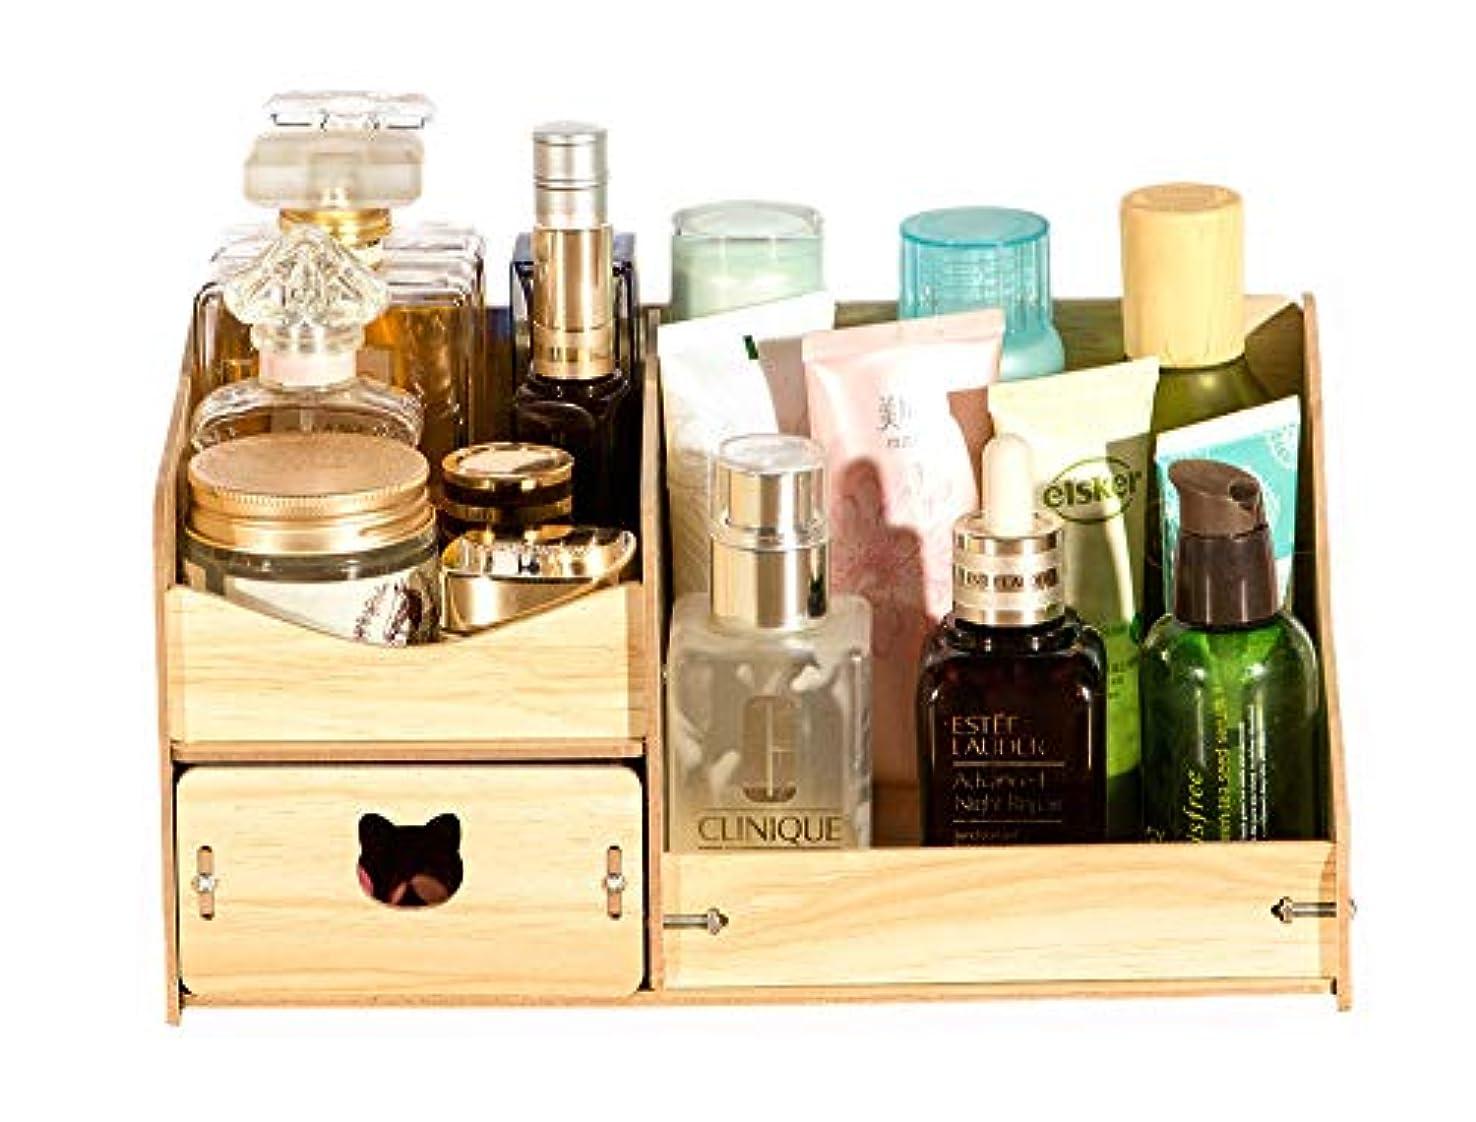 タヒチデジタル環境Snifu メイクボックス 化粧道具 収納 コスメケース 小物入れ 雑貨 収納ボックス 机上置棚 組み立て式 大容量 片付け便利